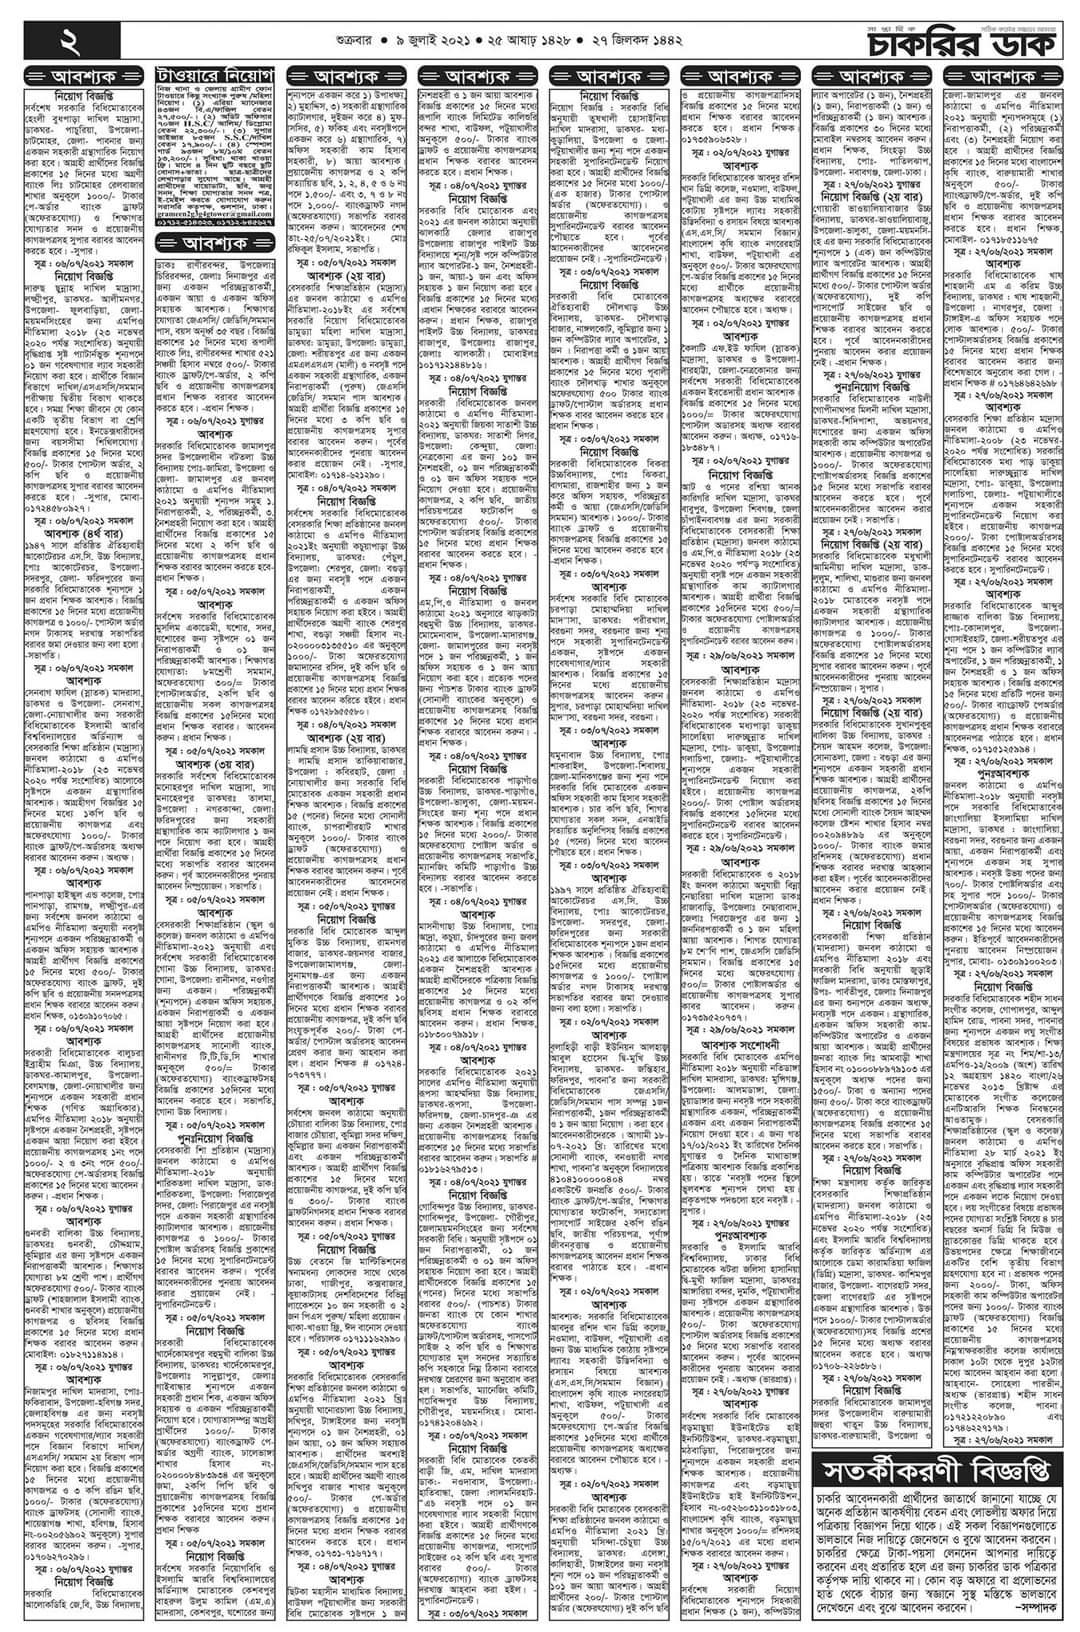 সাপ্তাহিক চাকরির পত্রিকা চাকরির ডাক - ৯ জুলাই ২০২১